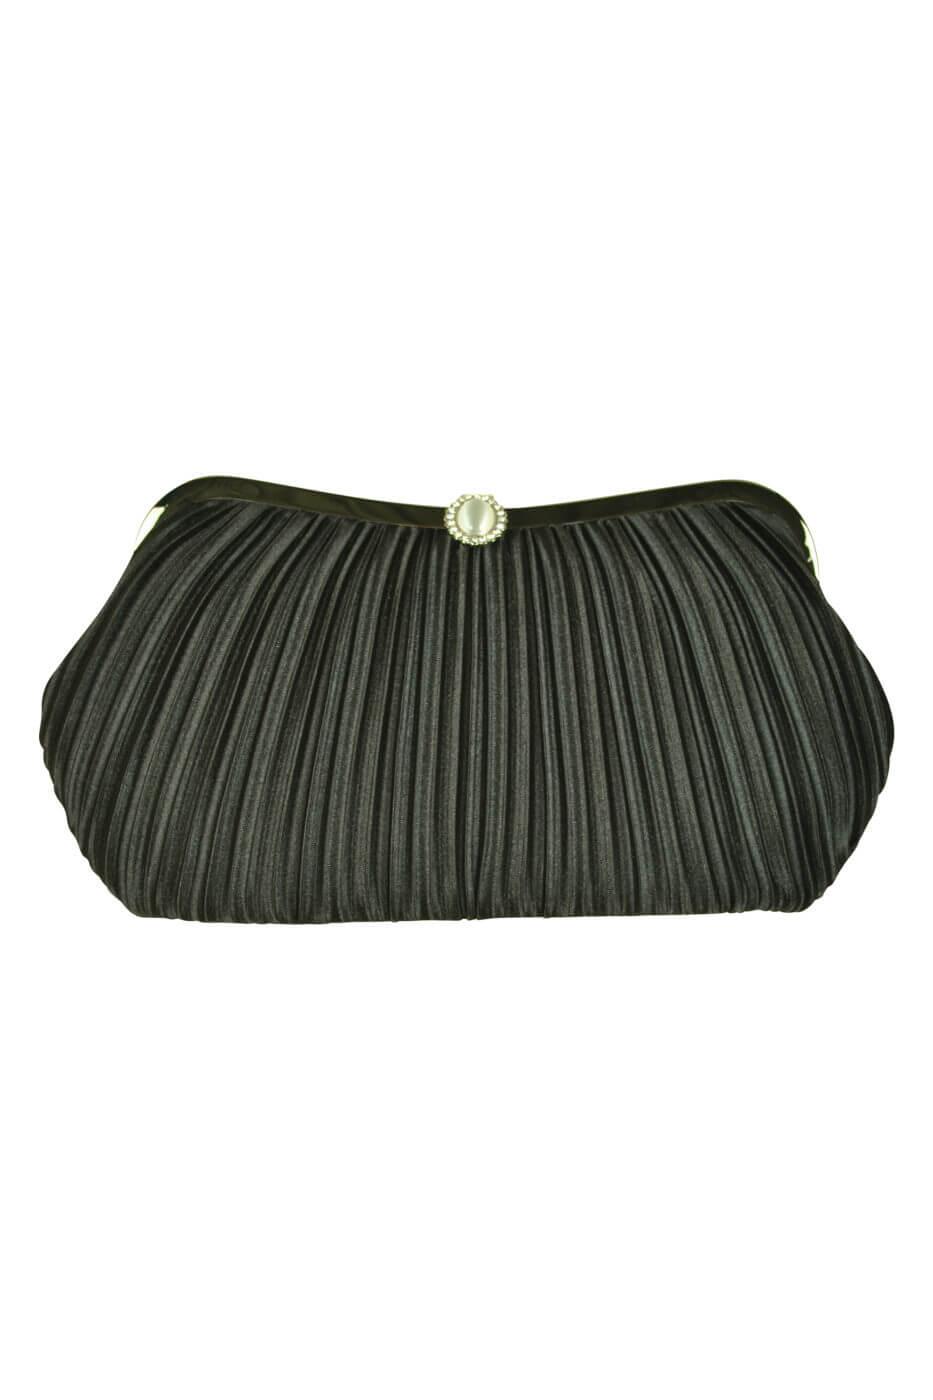 ビヲミナ (VIWOMINA)上品プリーツブラックバッグ